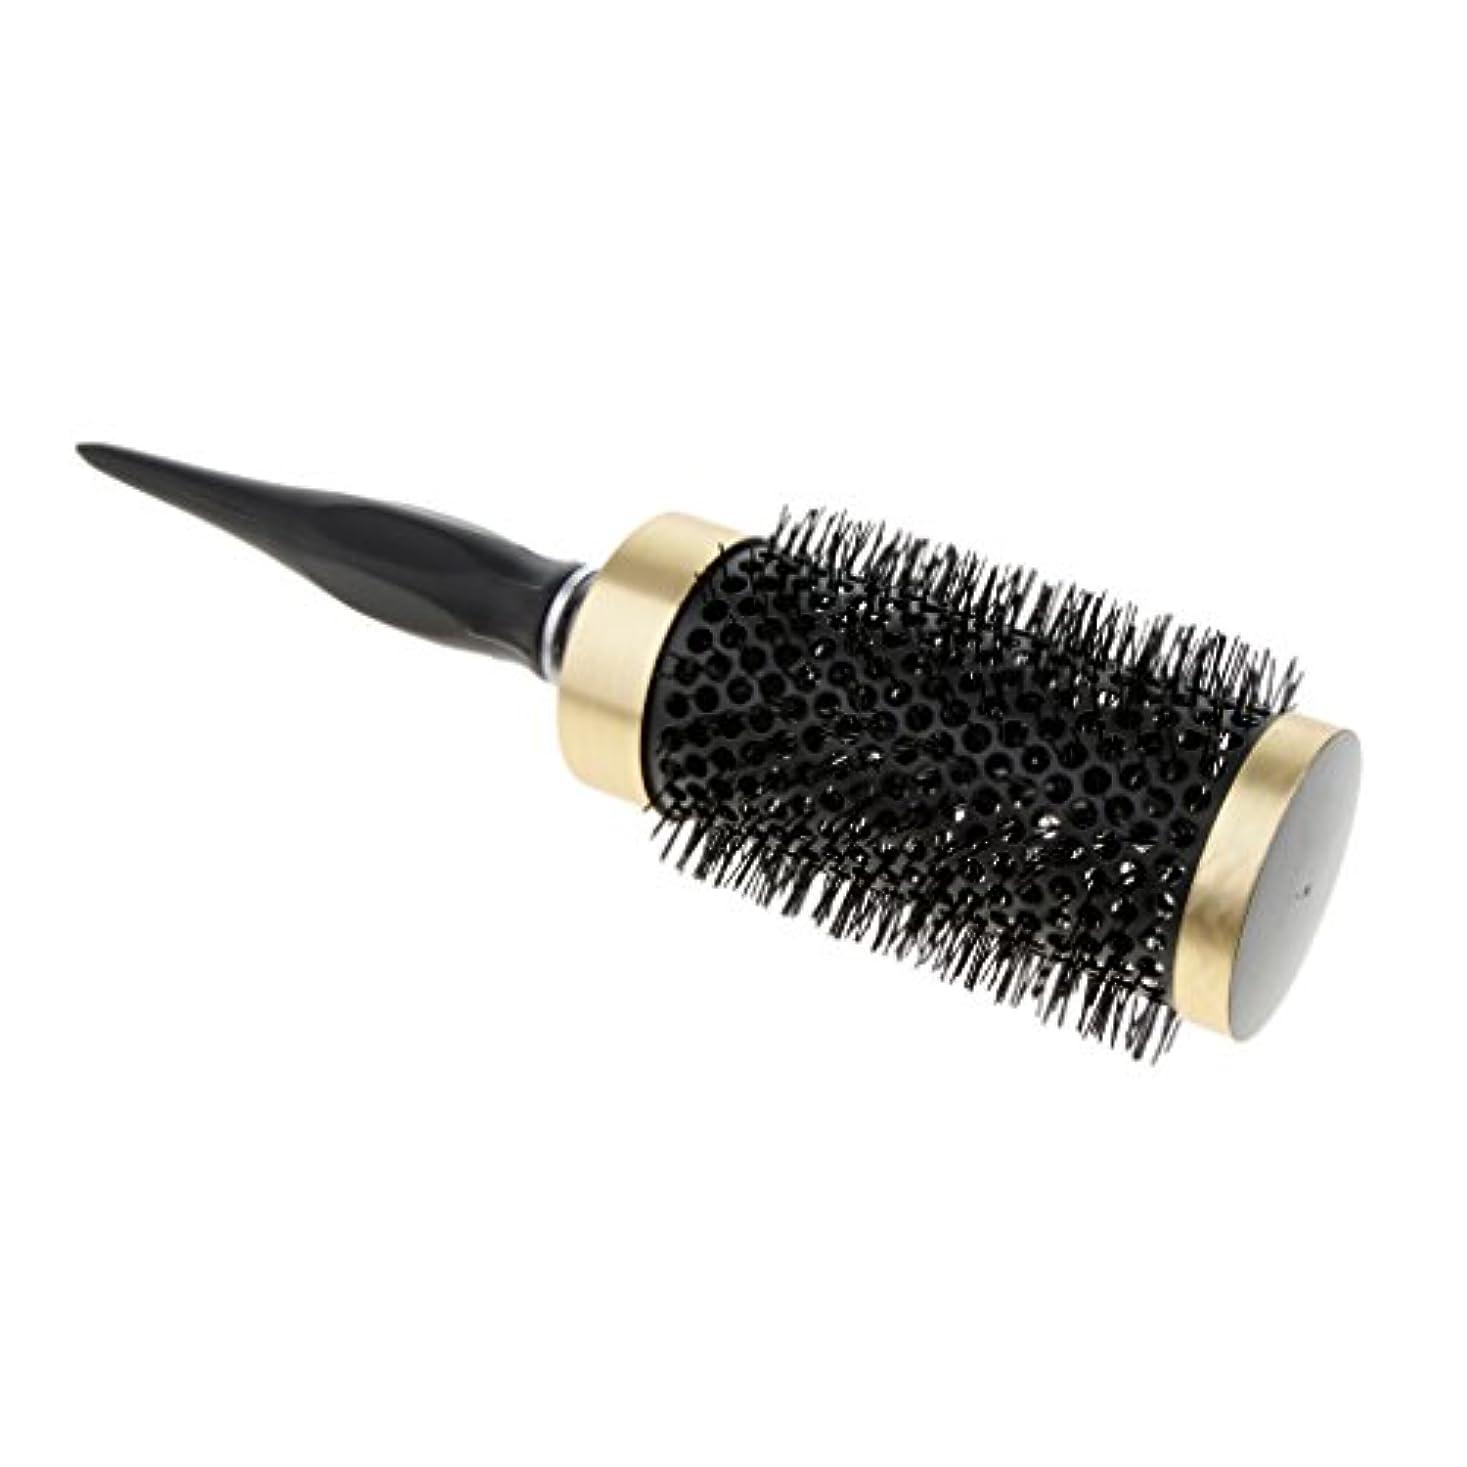 視聴者蜂空洞ロールブラシ ヘアブラシ ナイロンブラシ 静電気防止 カーリング 巻き髪ヘア 全5サイズ - 52mm